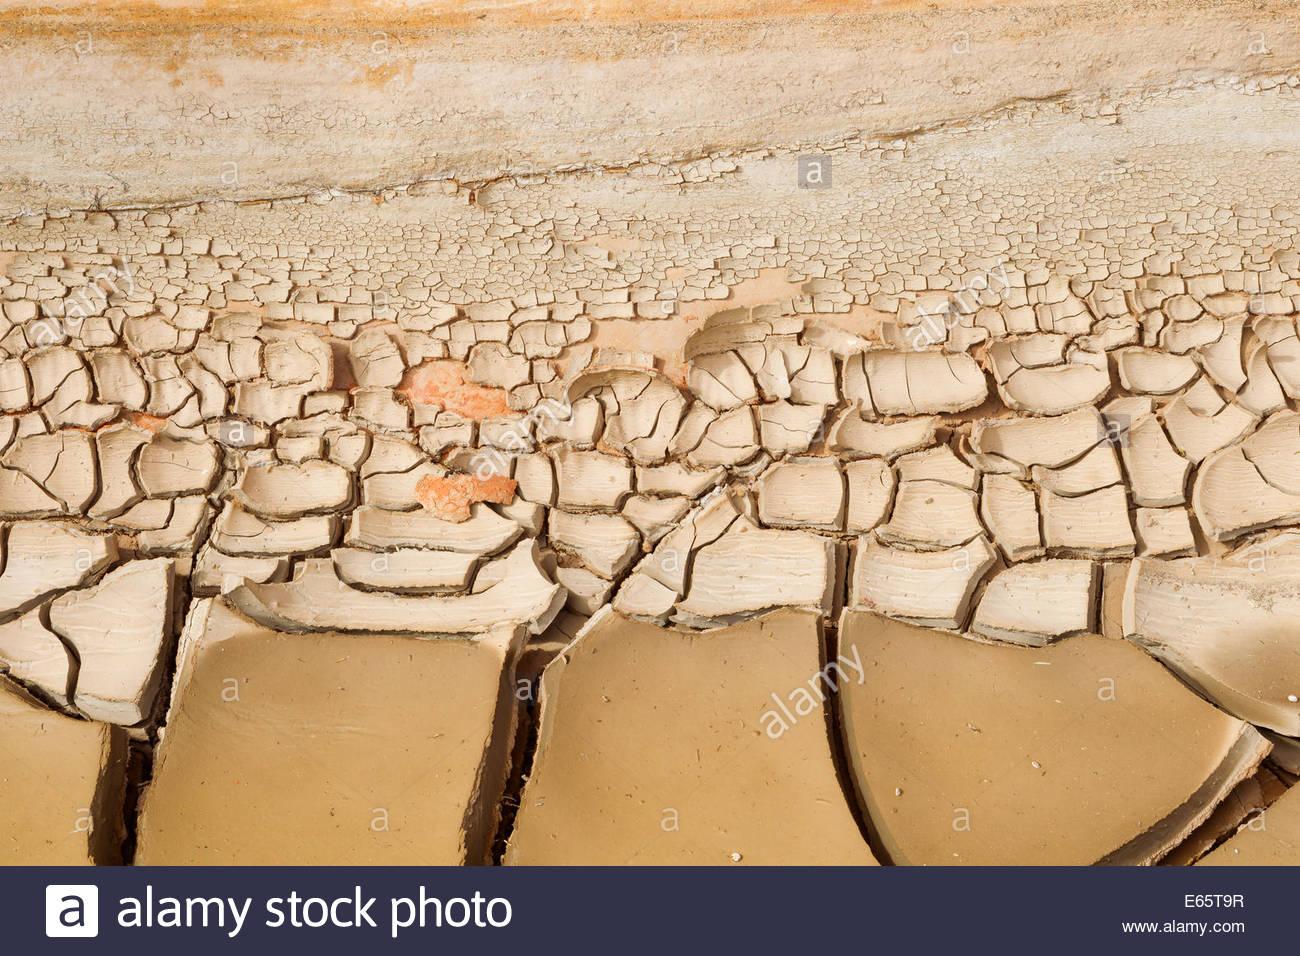 Mudcracks en una variedad de formas y tamaños, y son visibles en el  sedimento en